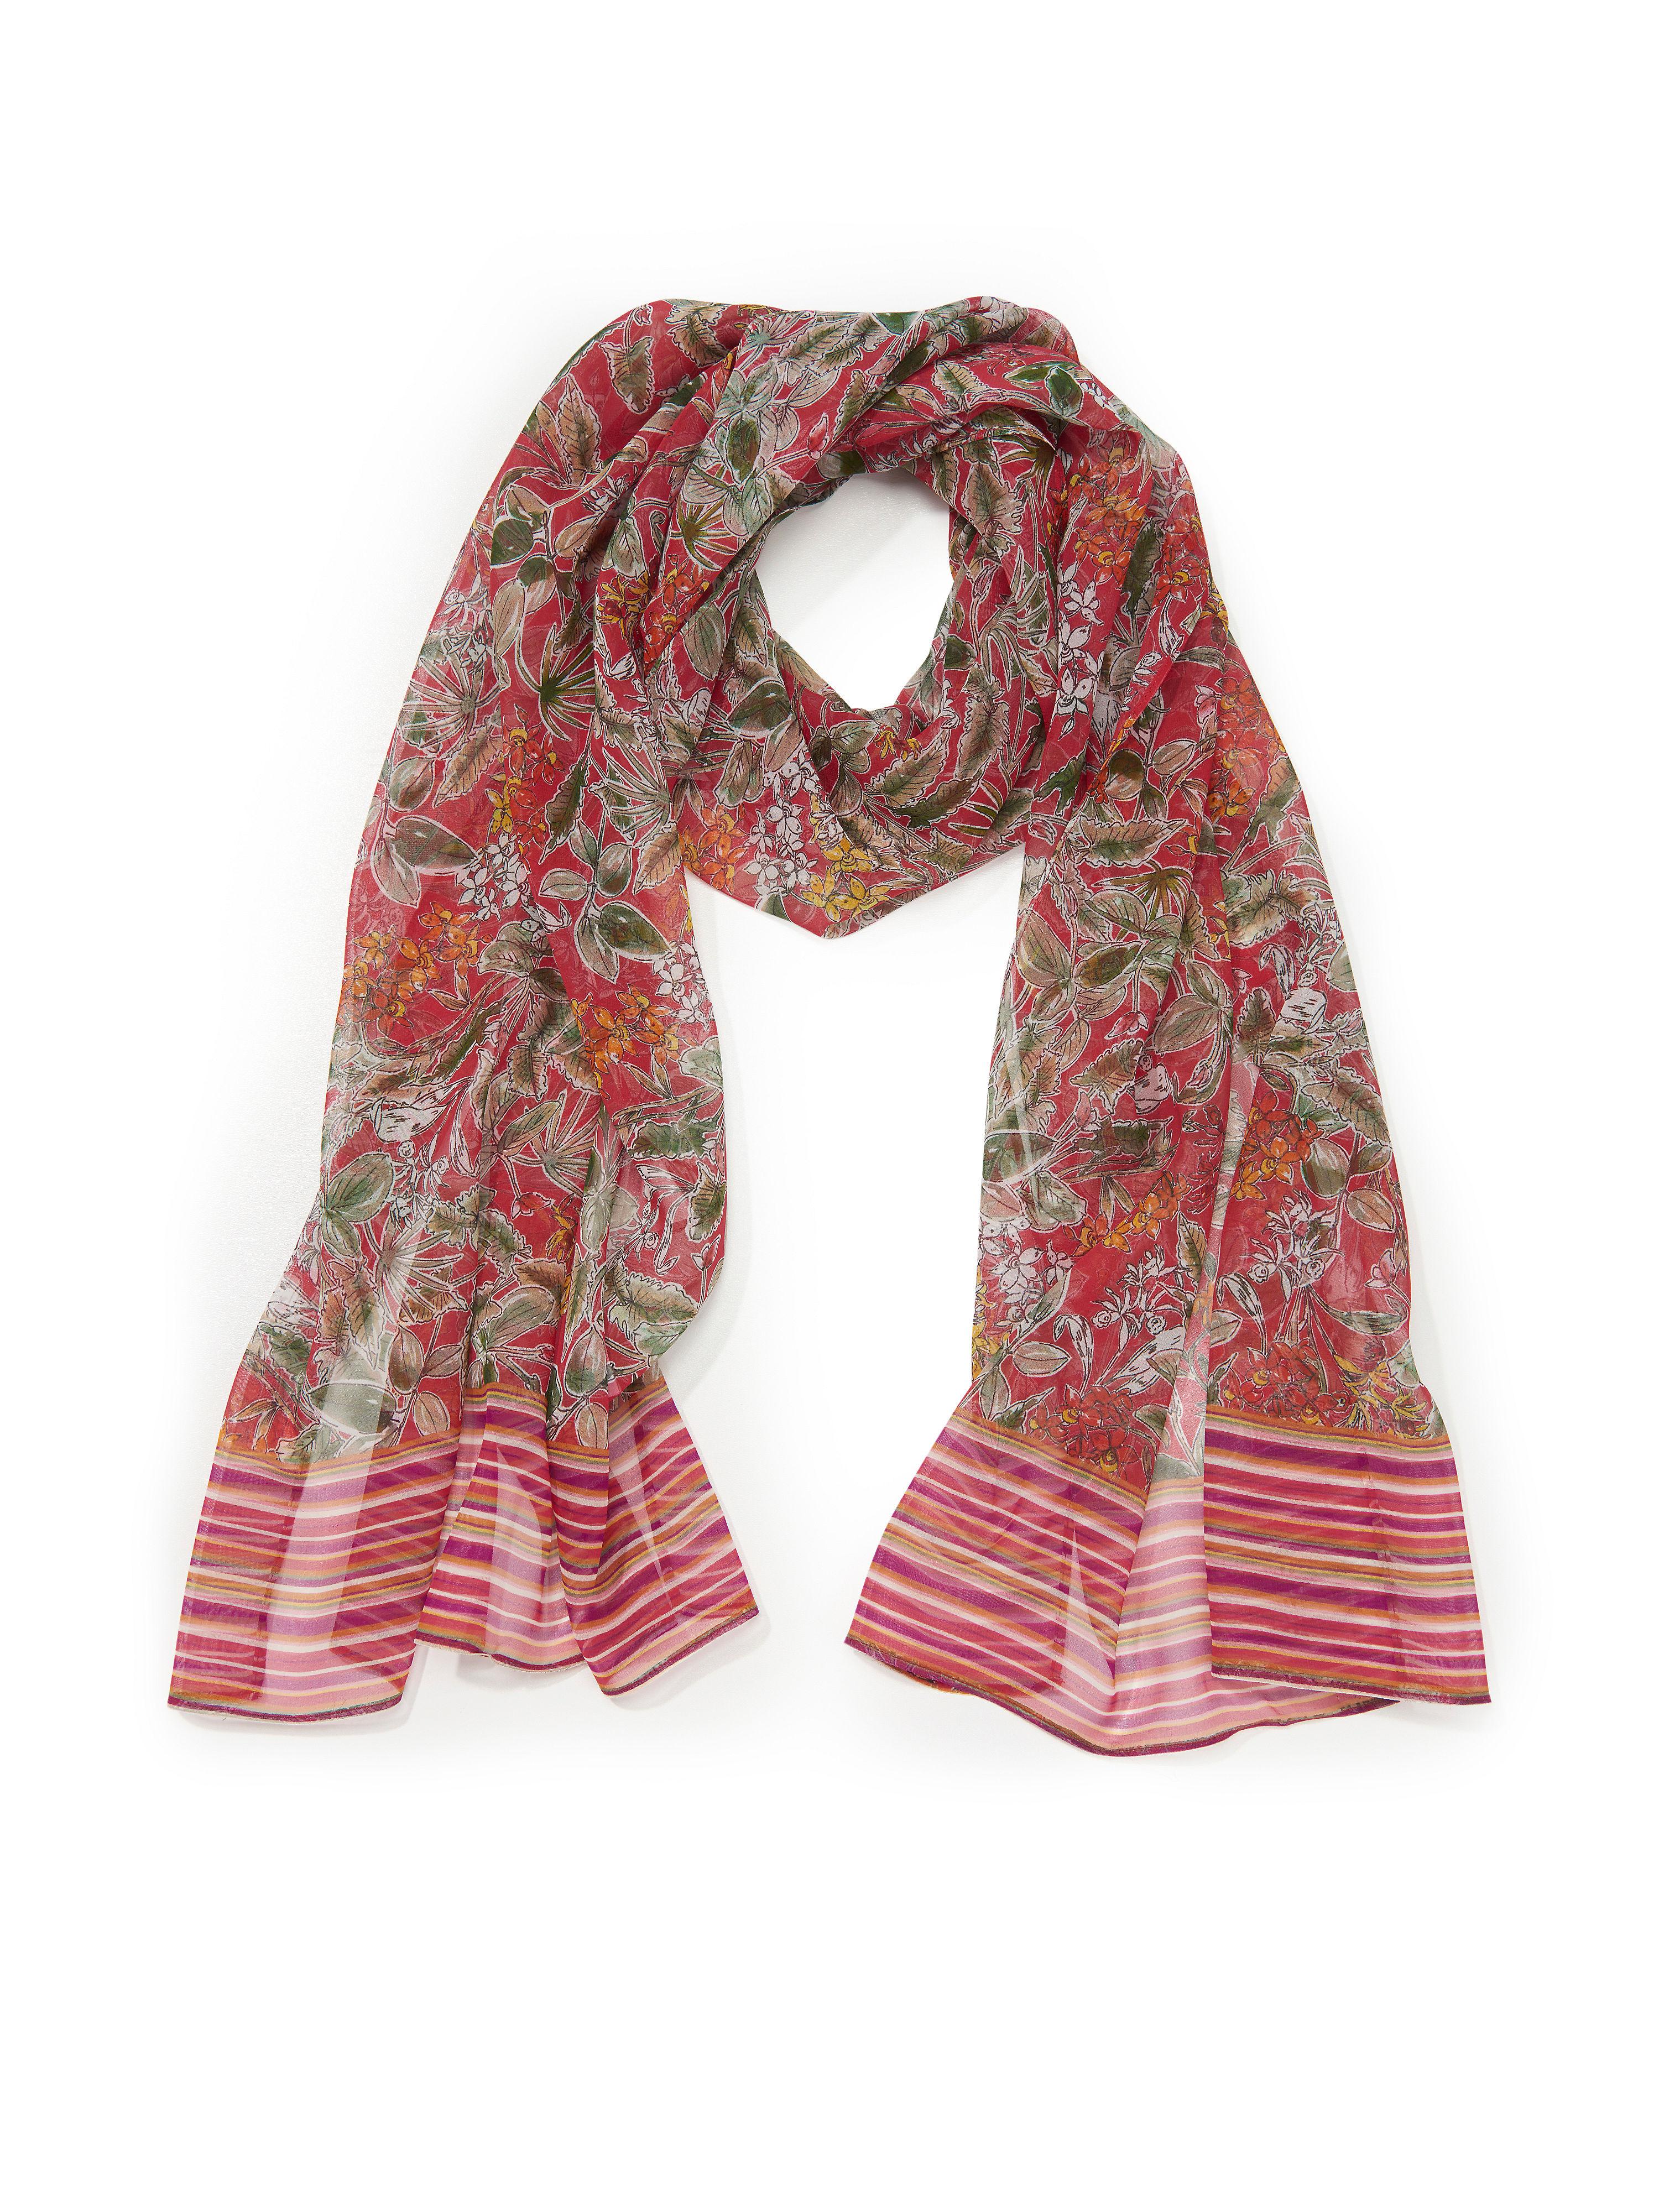 Schal aus 100% Seide Uta Raasch rot: Schal aus 100% Seide Uta Raasch rot für Damen und Herren in rot